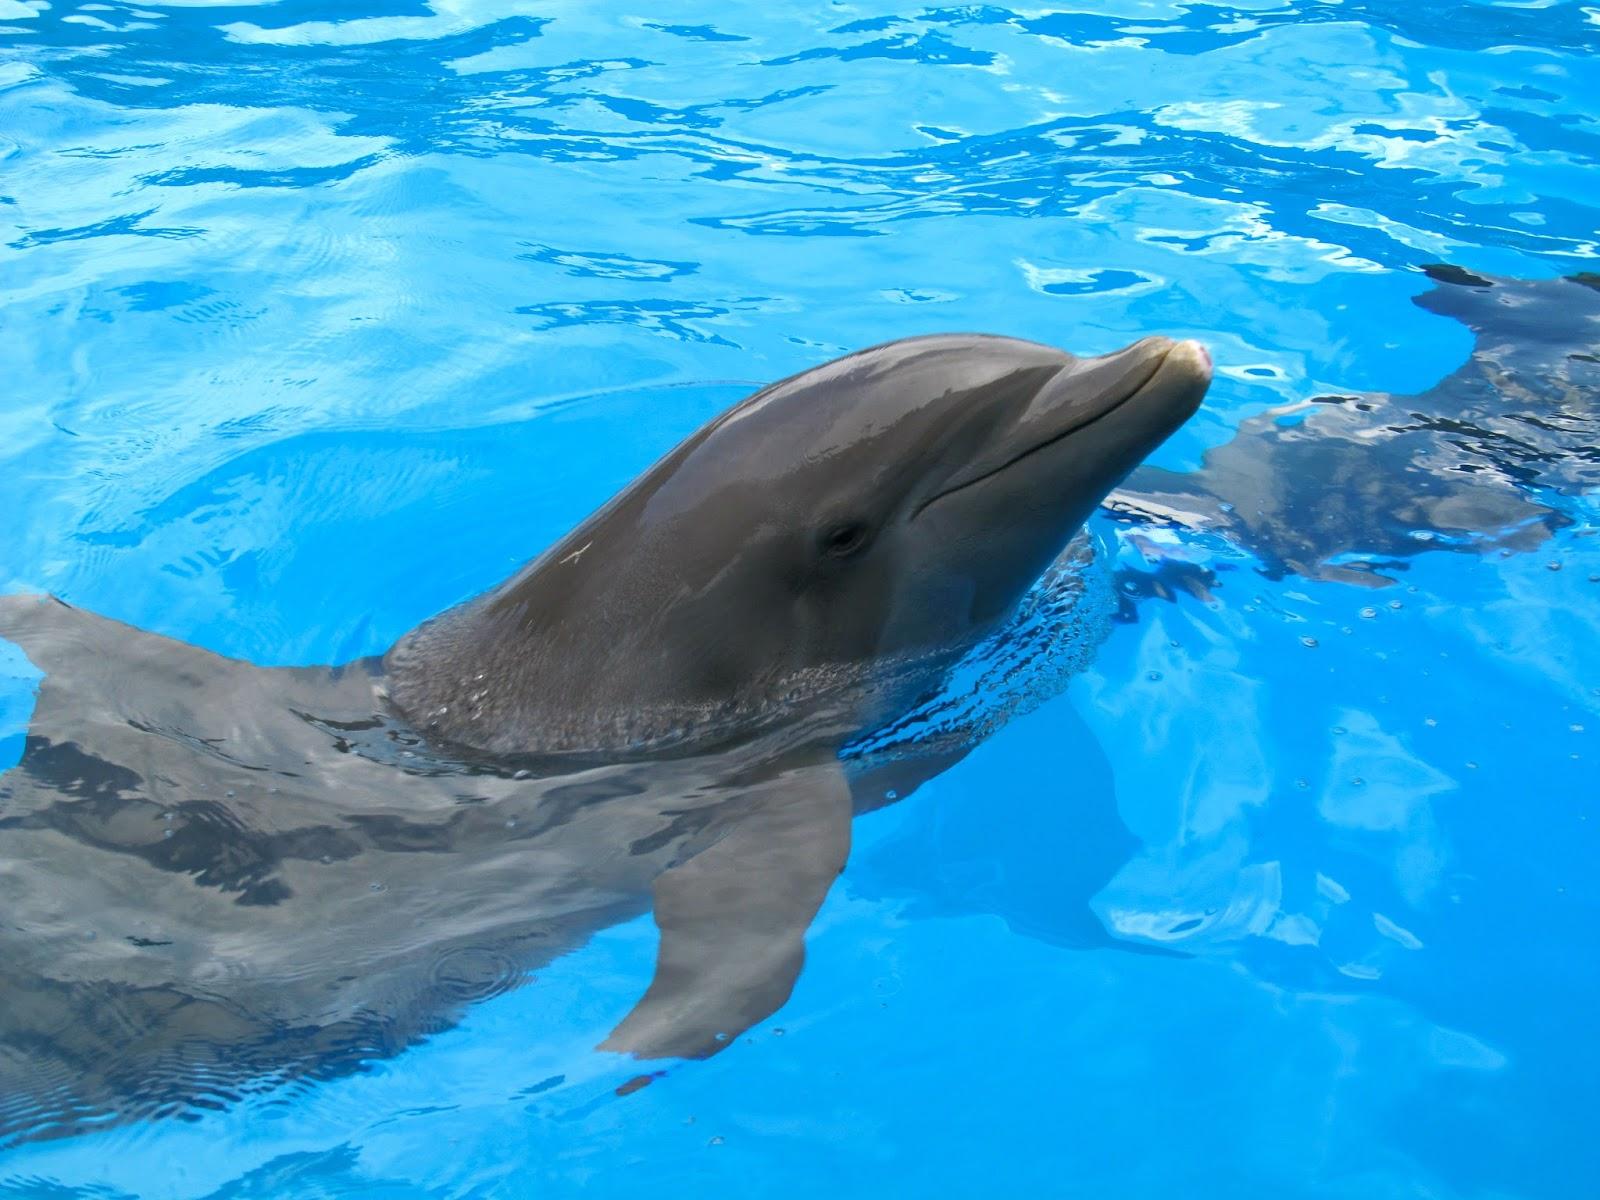 Dolphin at Miami Seaquarium, FL - ouroutdoortravels.blogspot.com